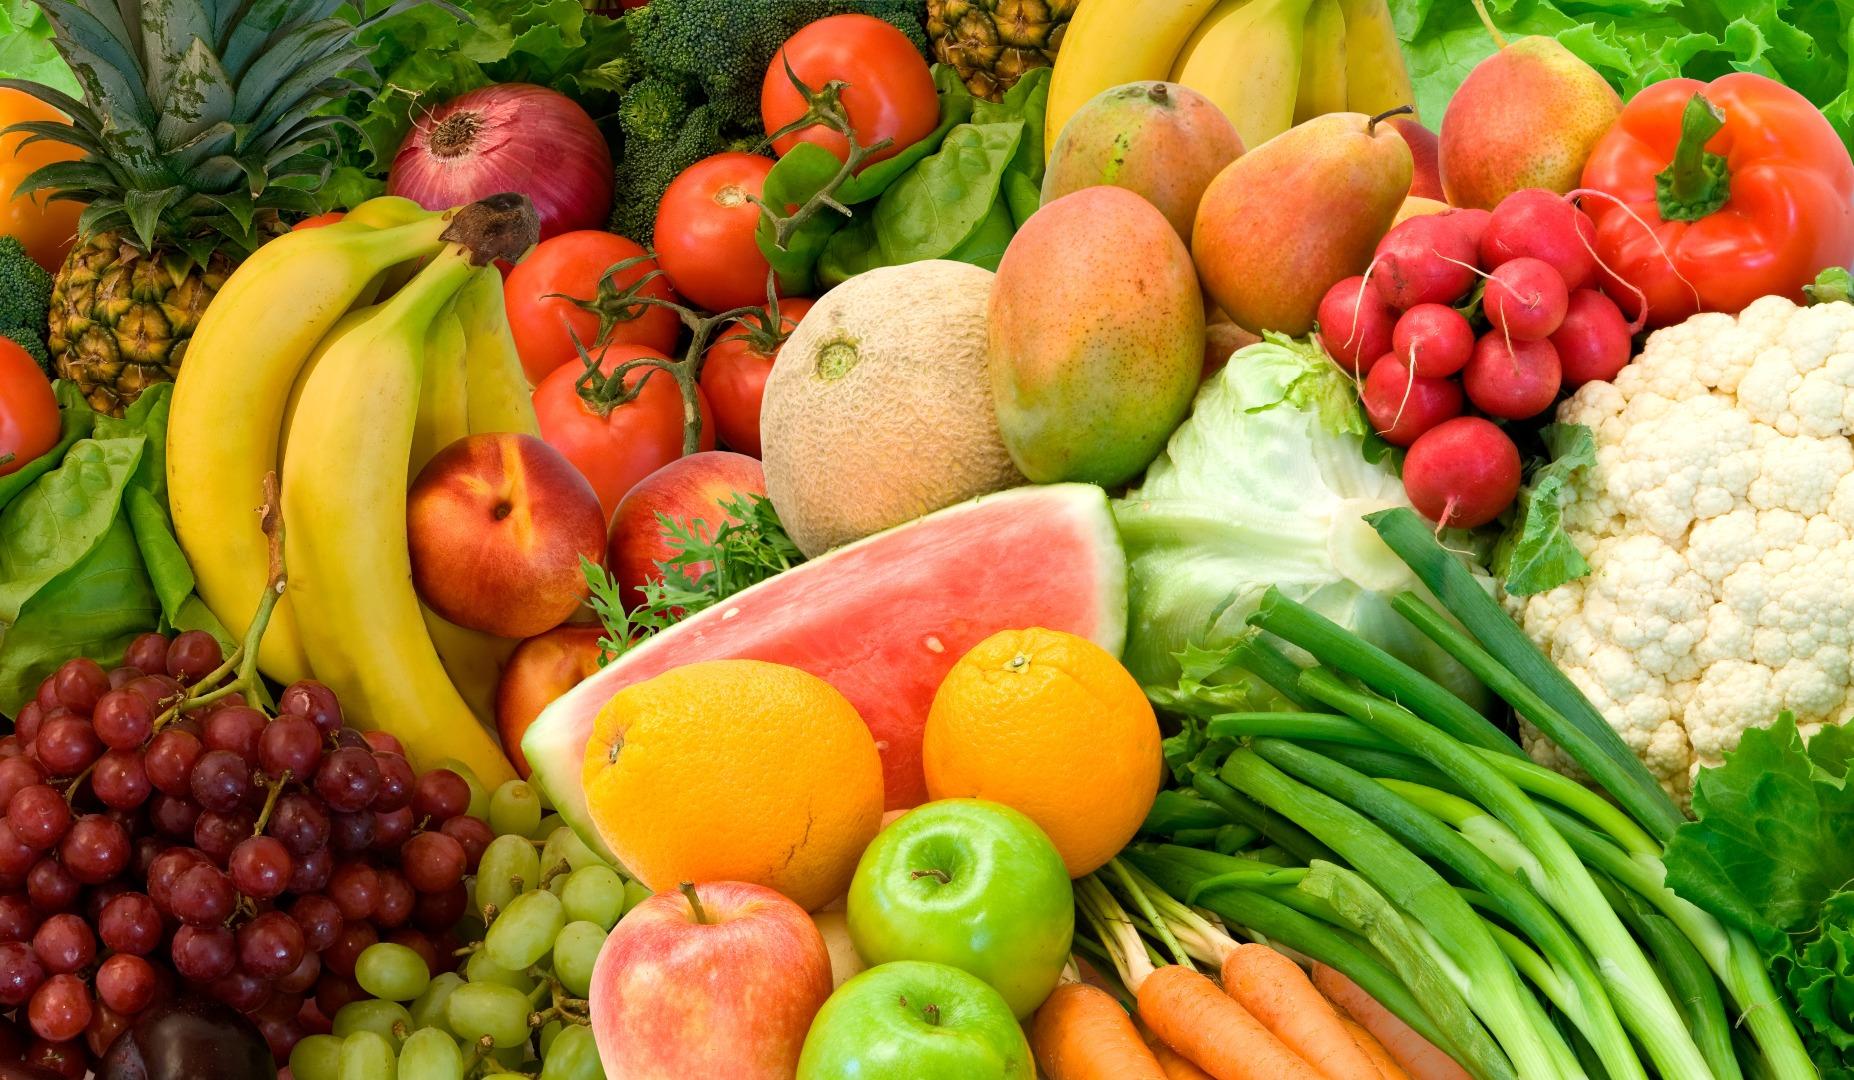 Картинка по теме: Сколько овощей, фруктов в день нужно есть?